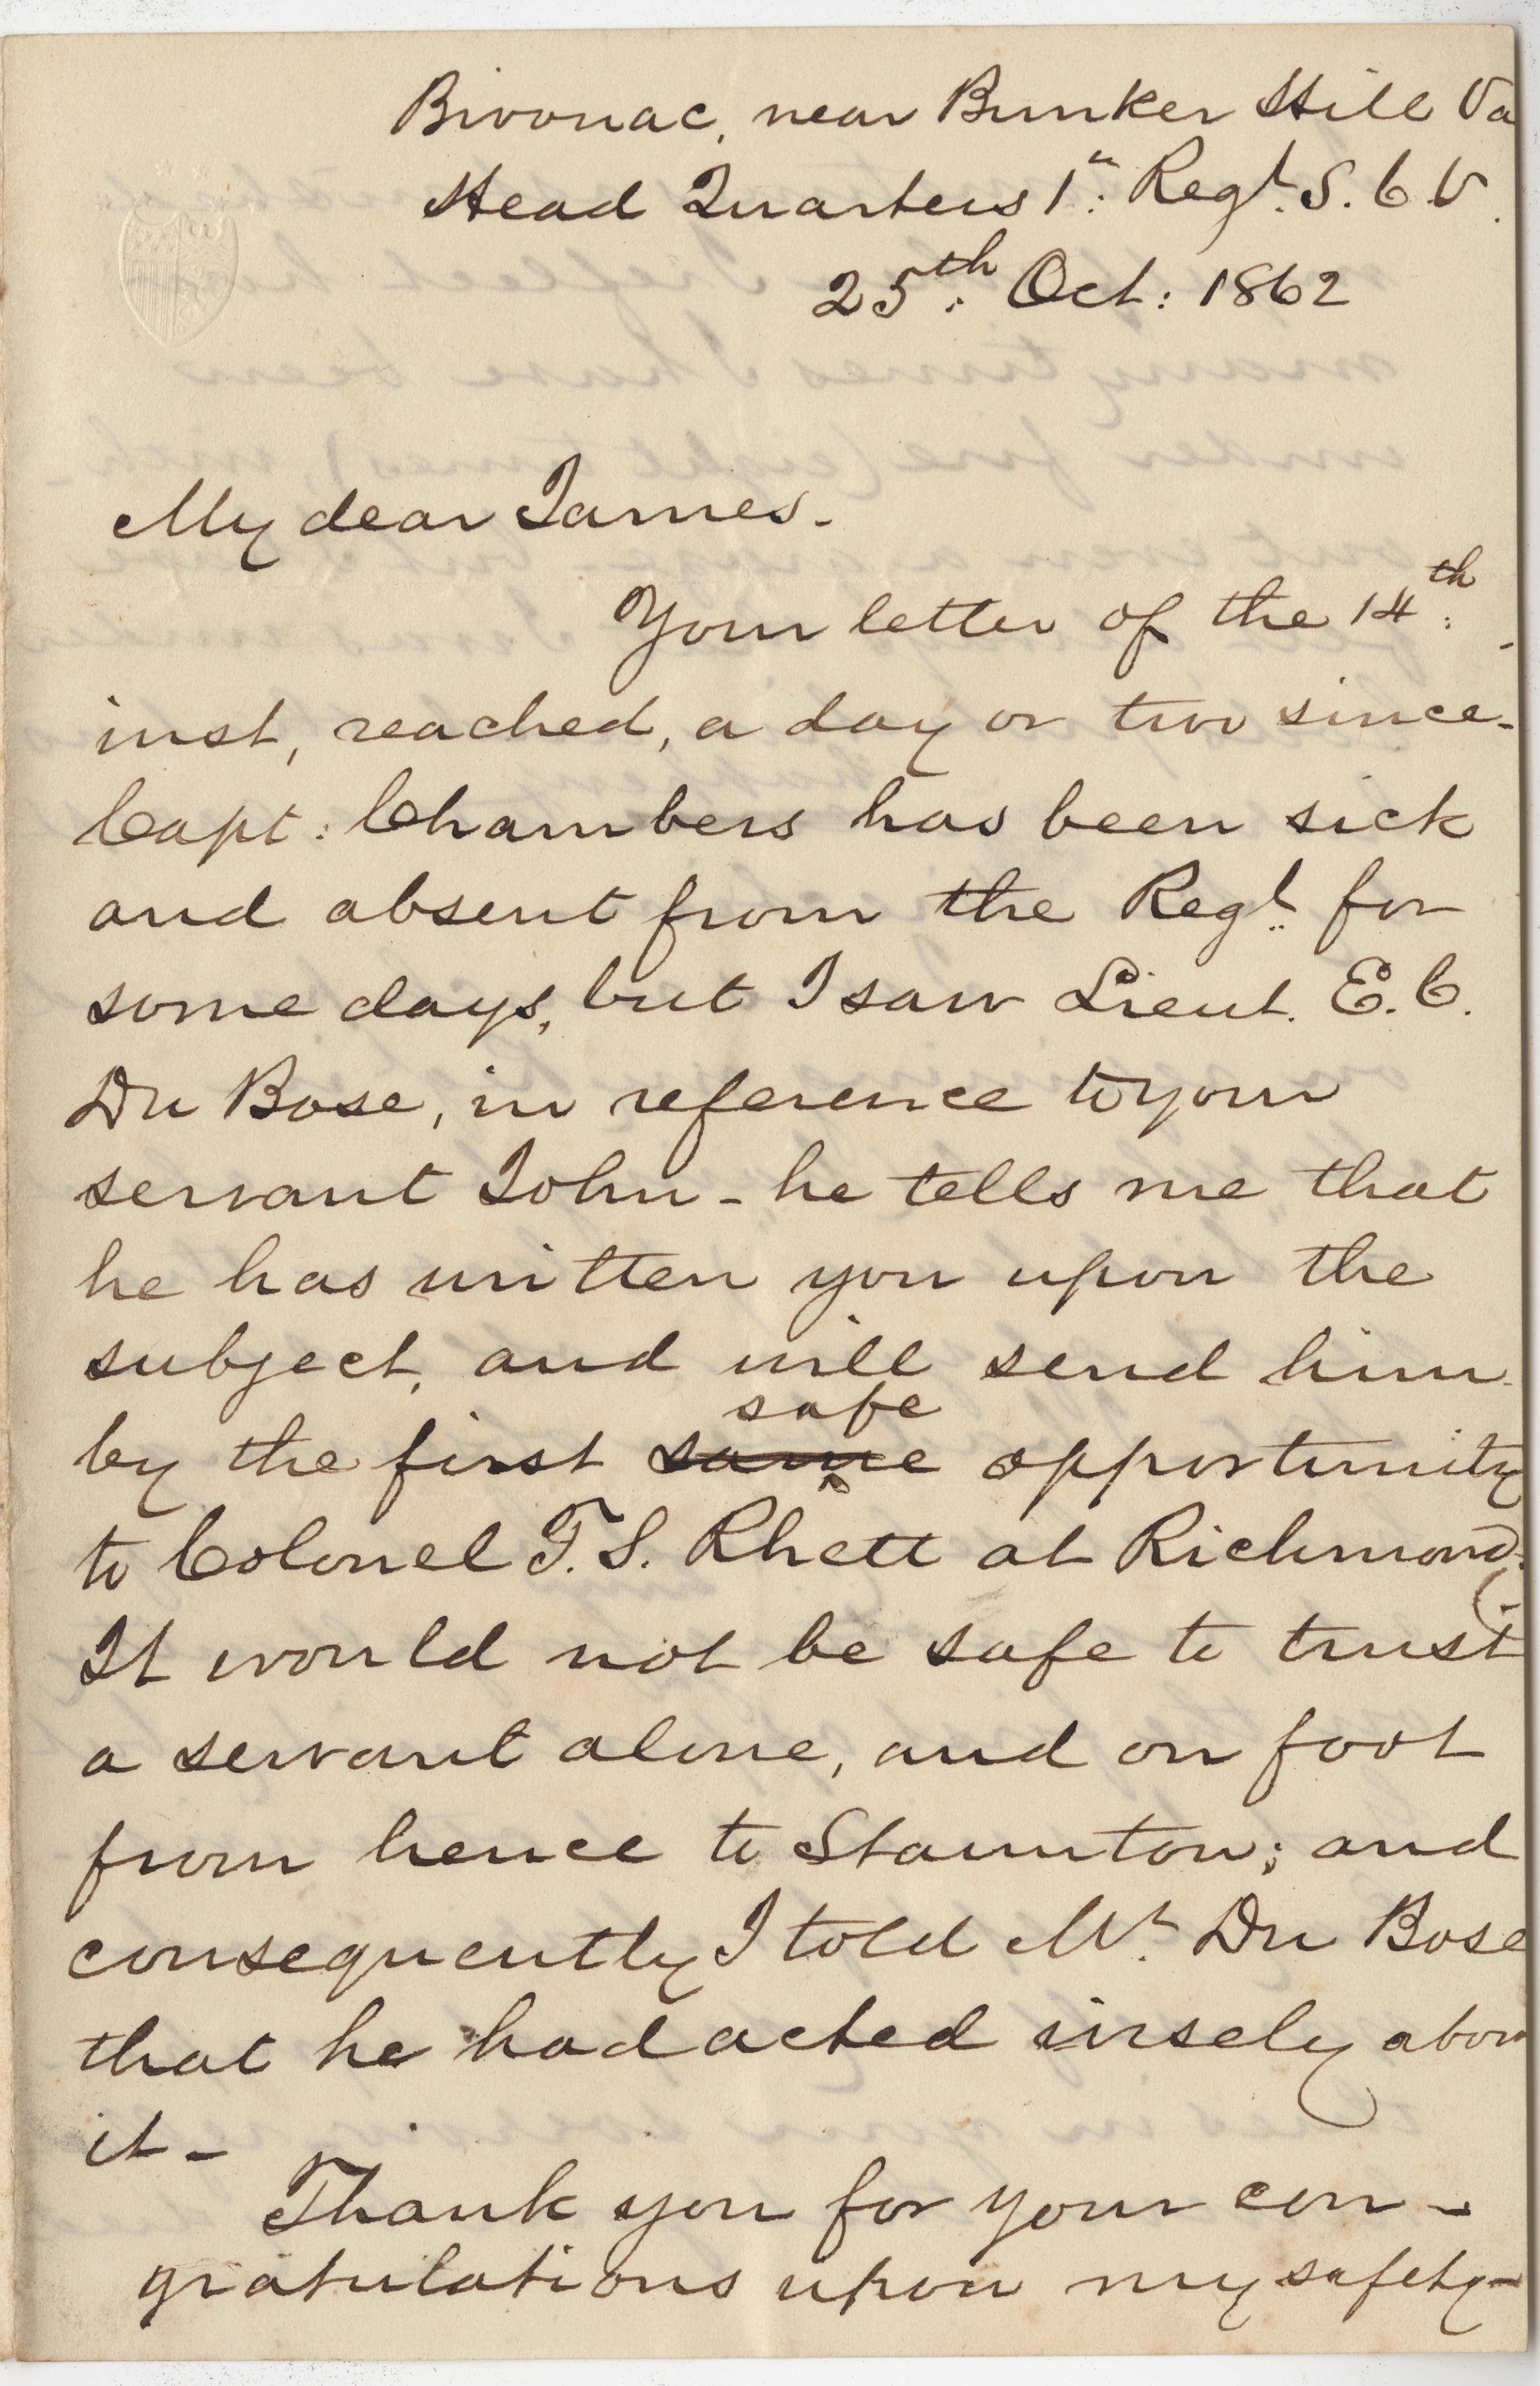 182. Daniel Heyward Hamilton to James B. Heyward -- October 25, 1862